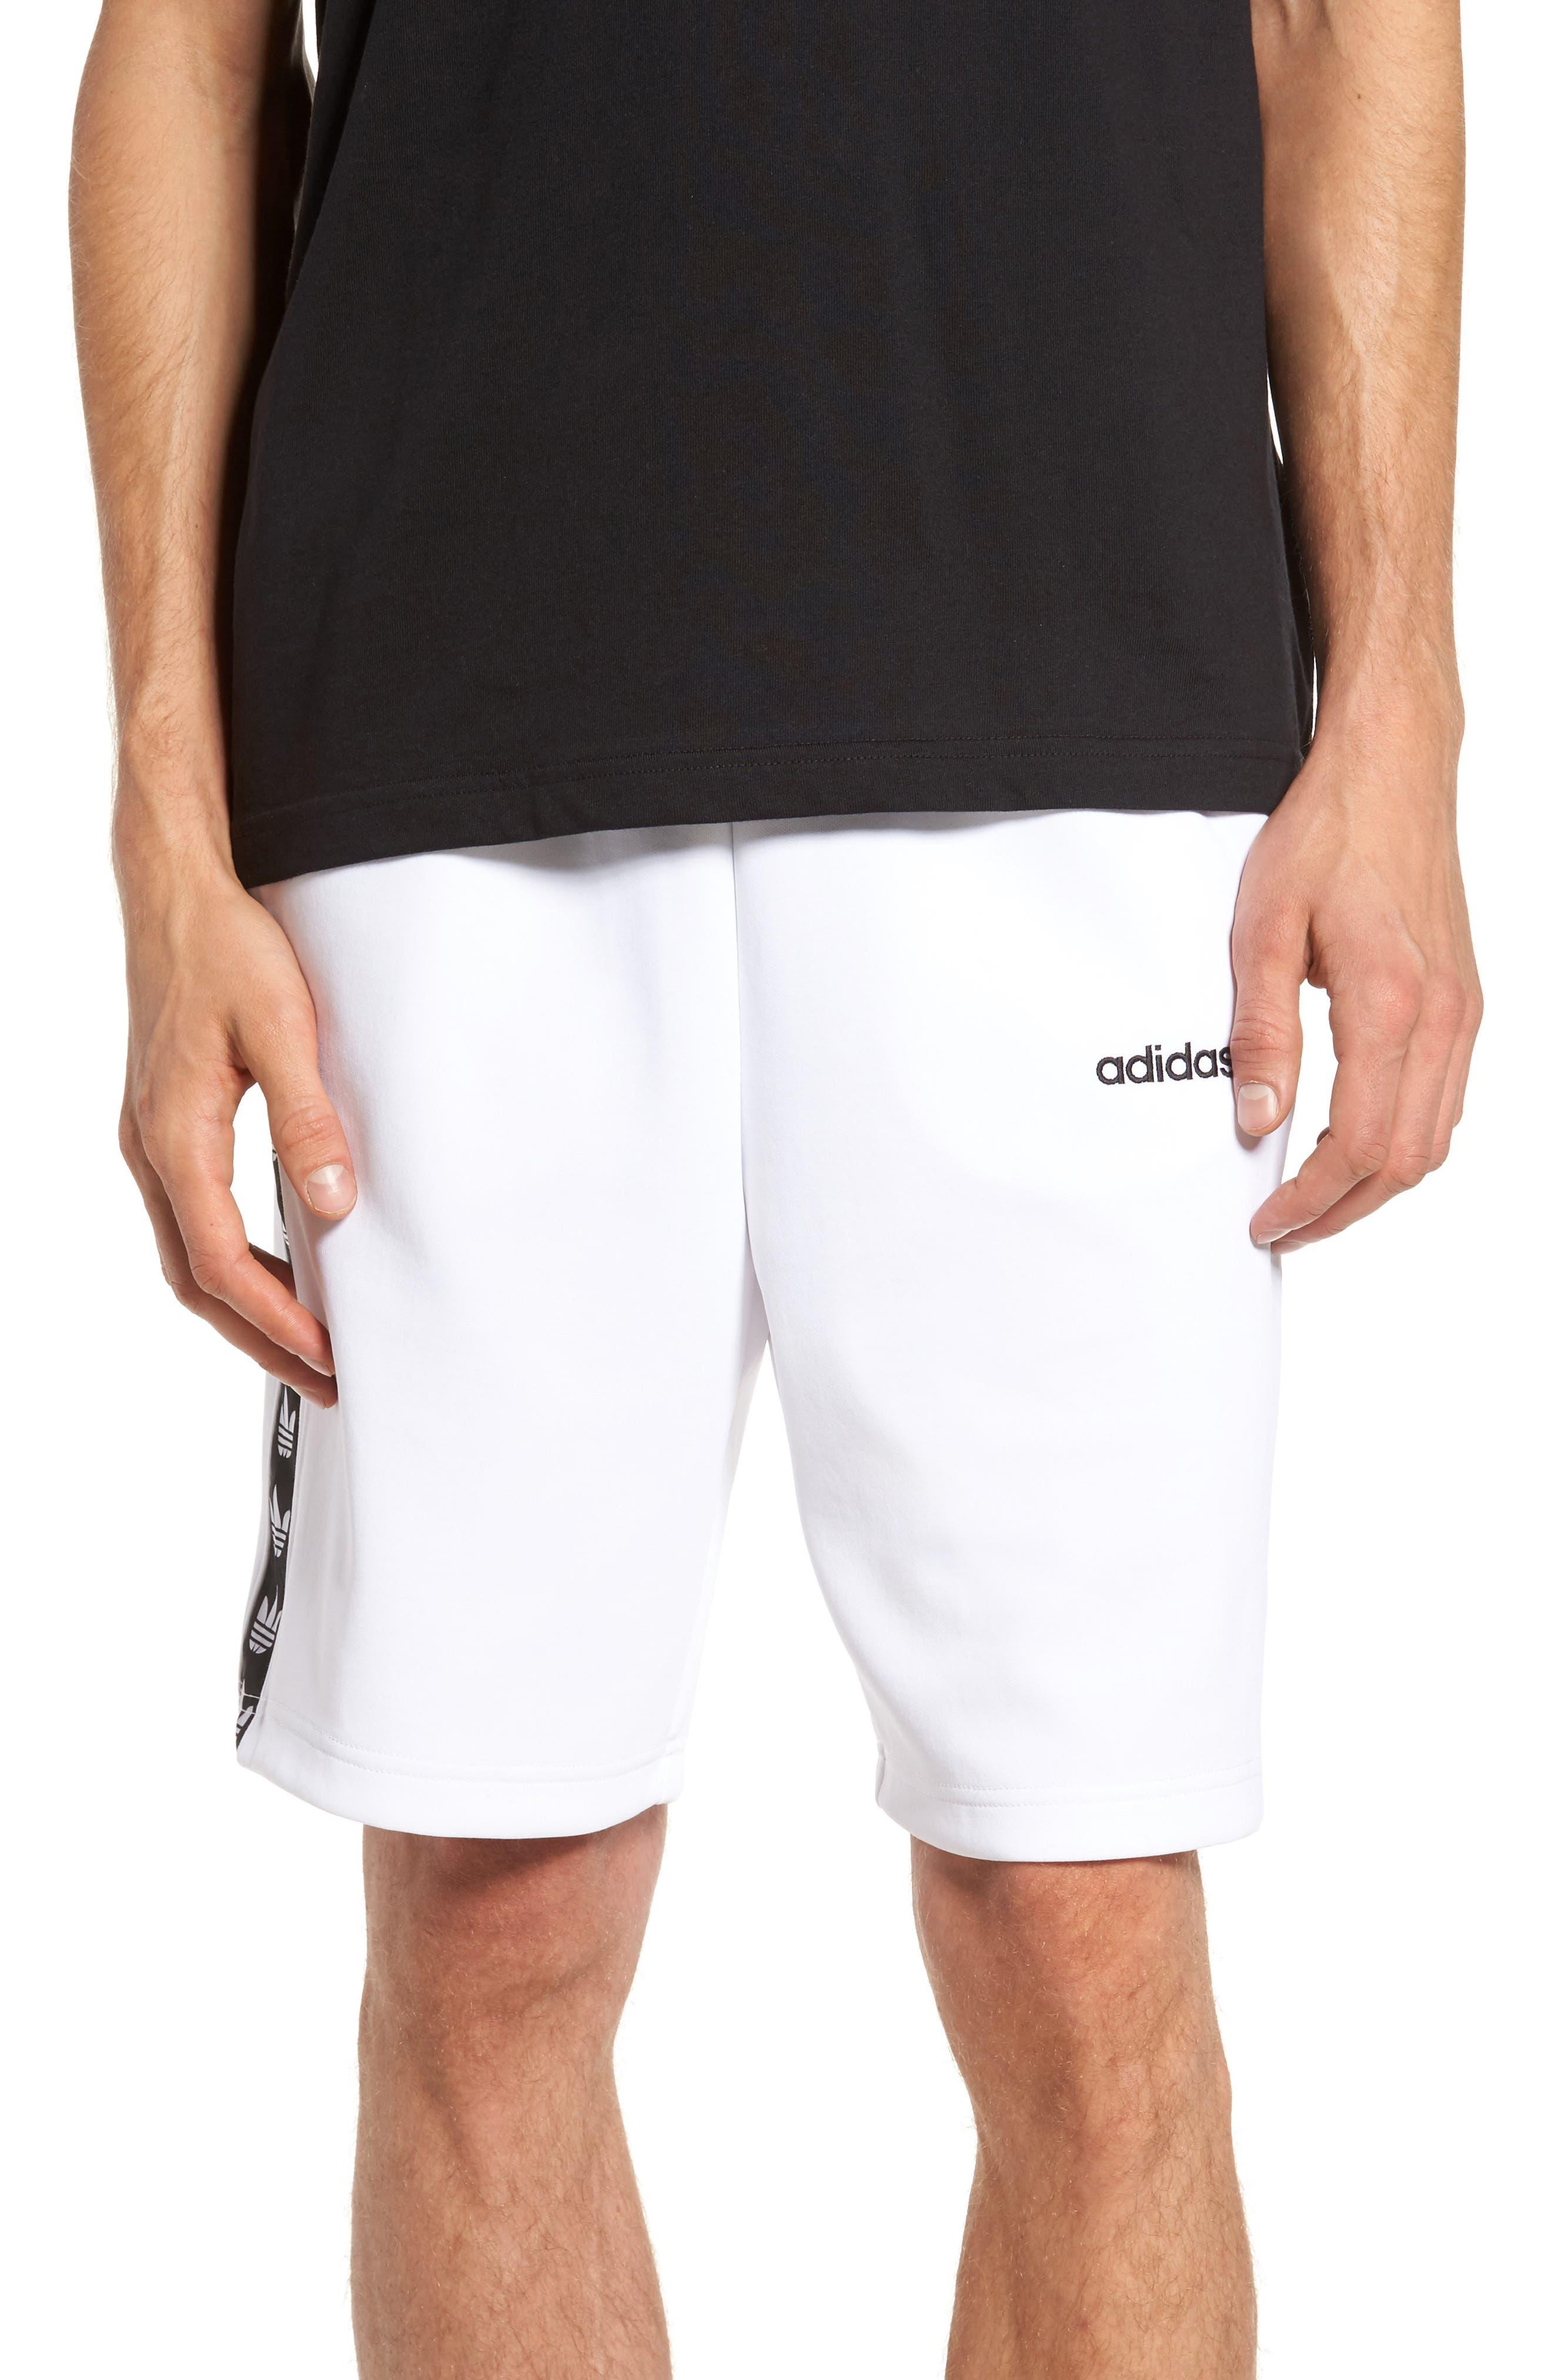 adidas Originals TNT Shorts